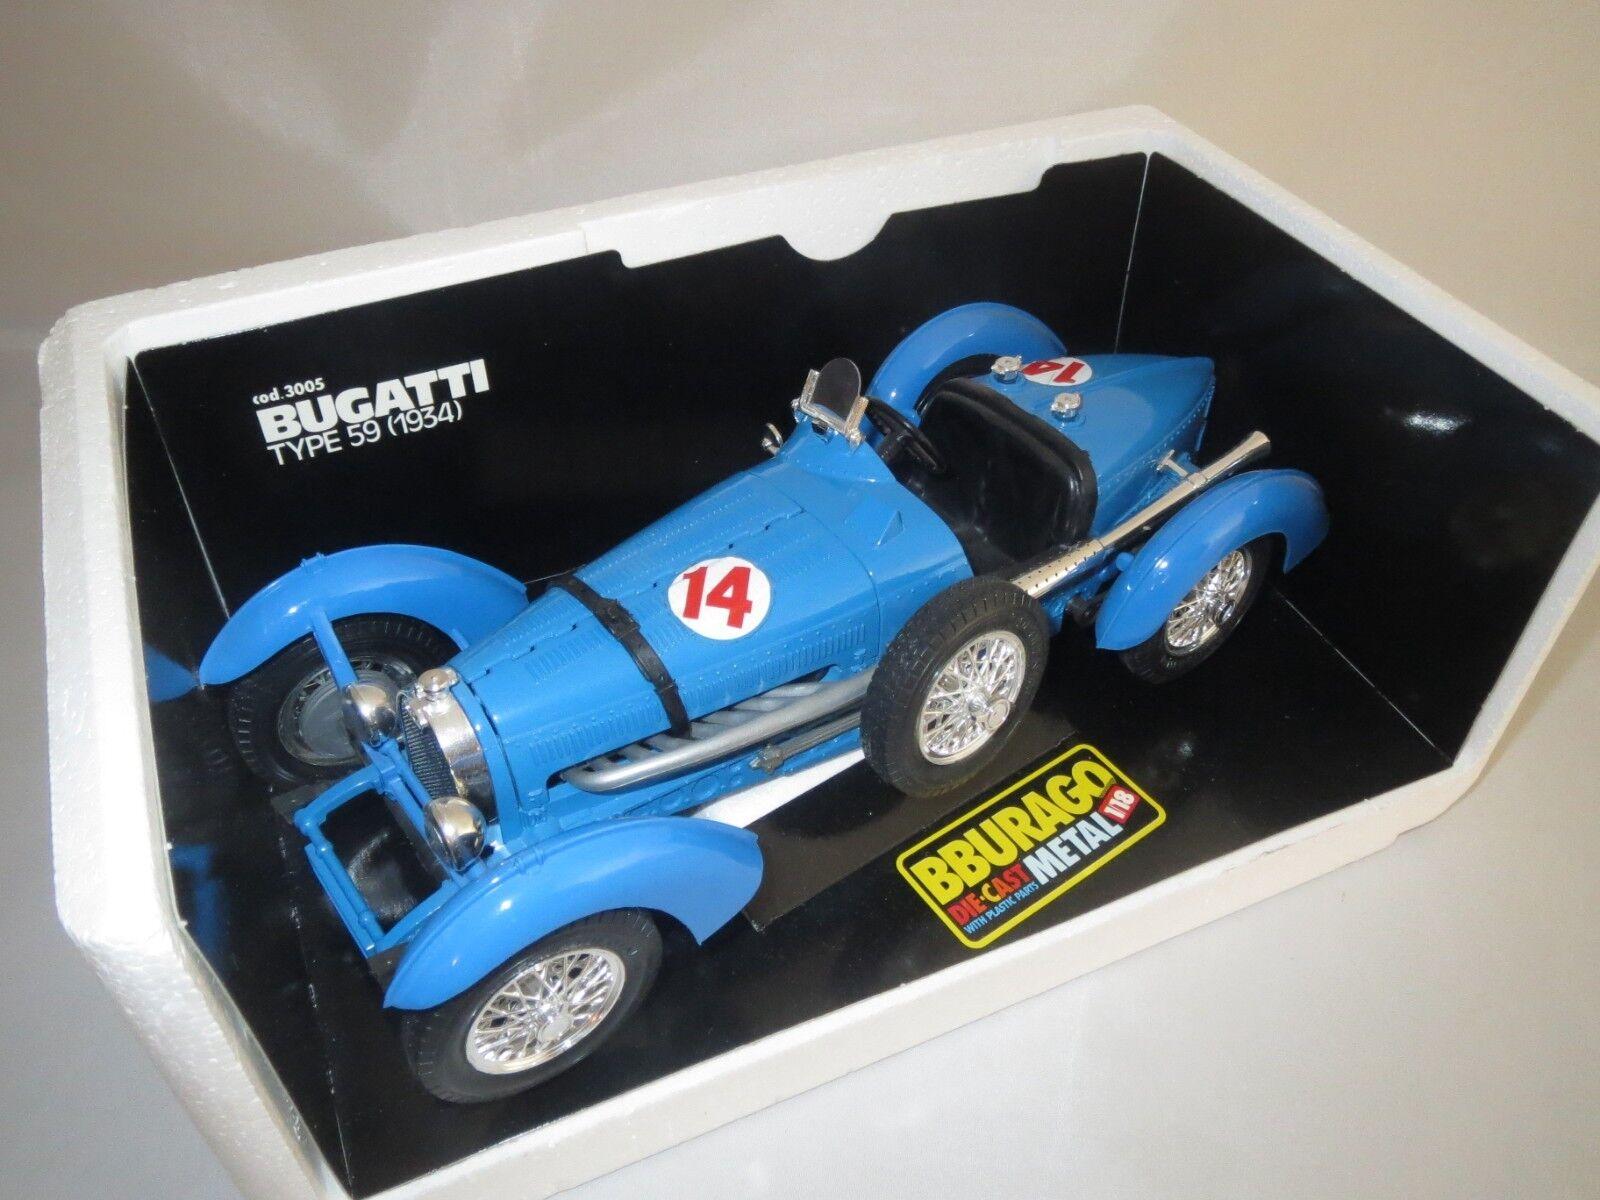 BBURAGO Bugatti type 59  fermée écrous de roue   14  1934  1 18 neuf dans sa boîte  (3)